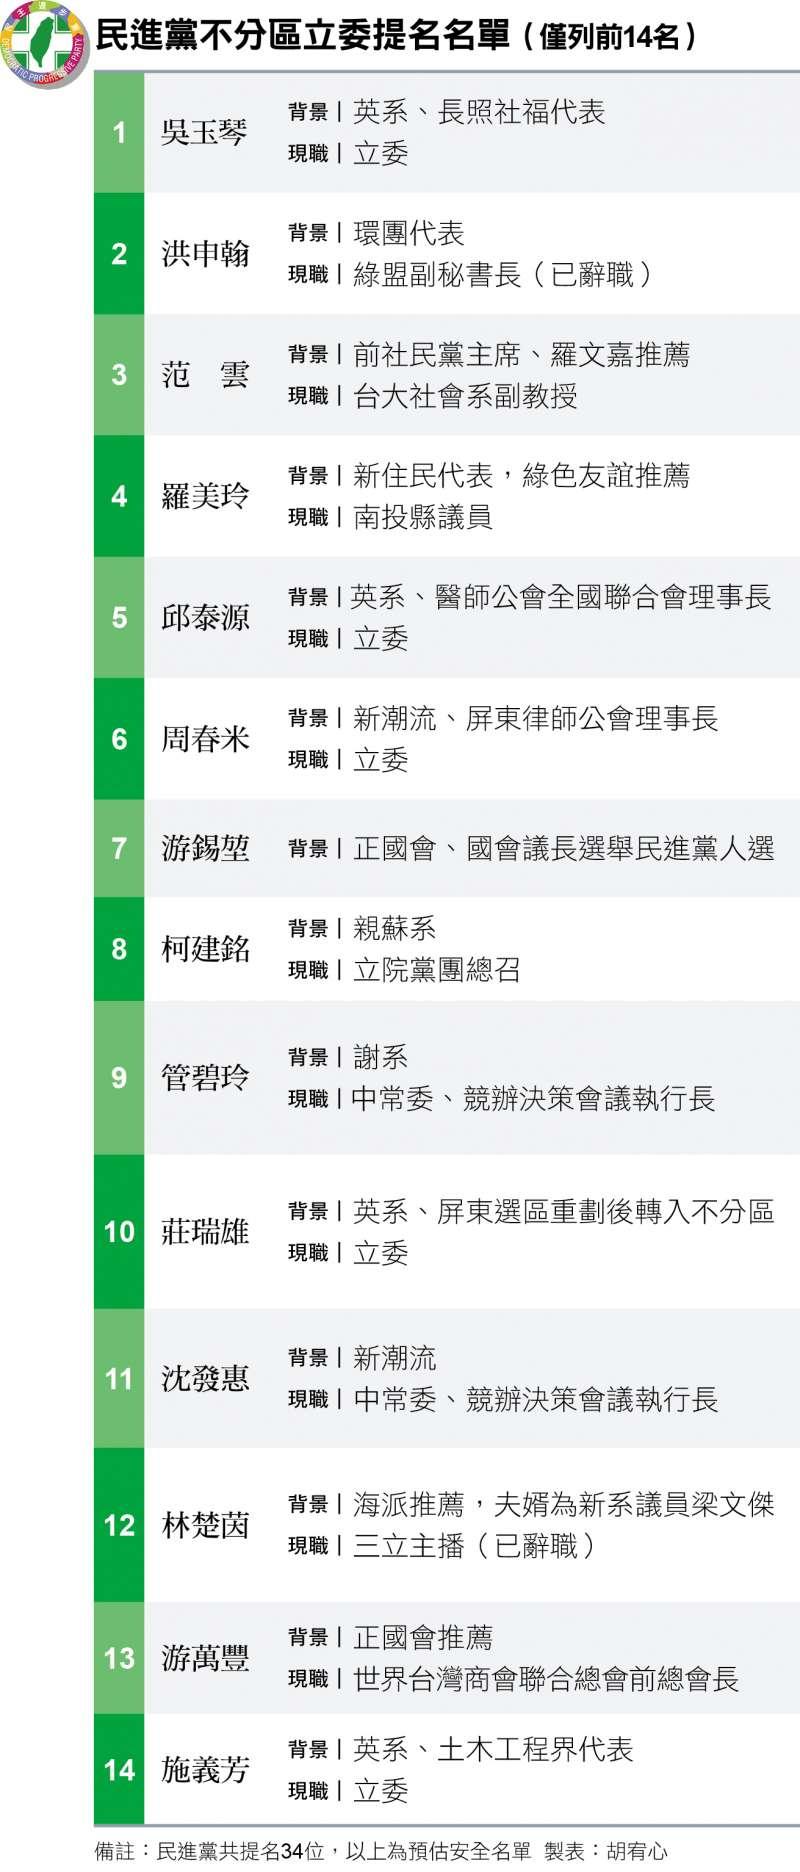 民進黨不分區立委提名名單(僅列前14名)